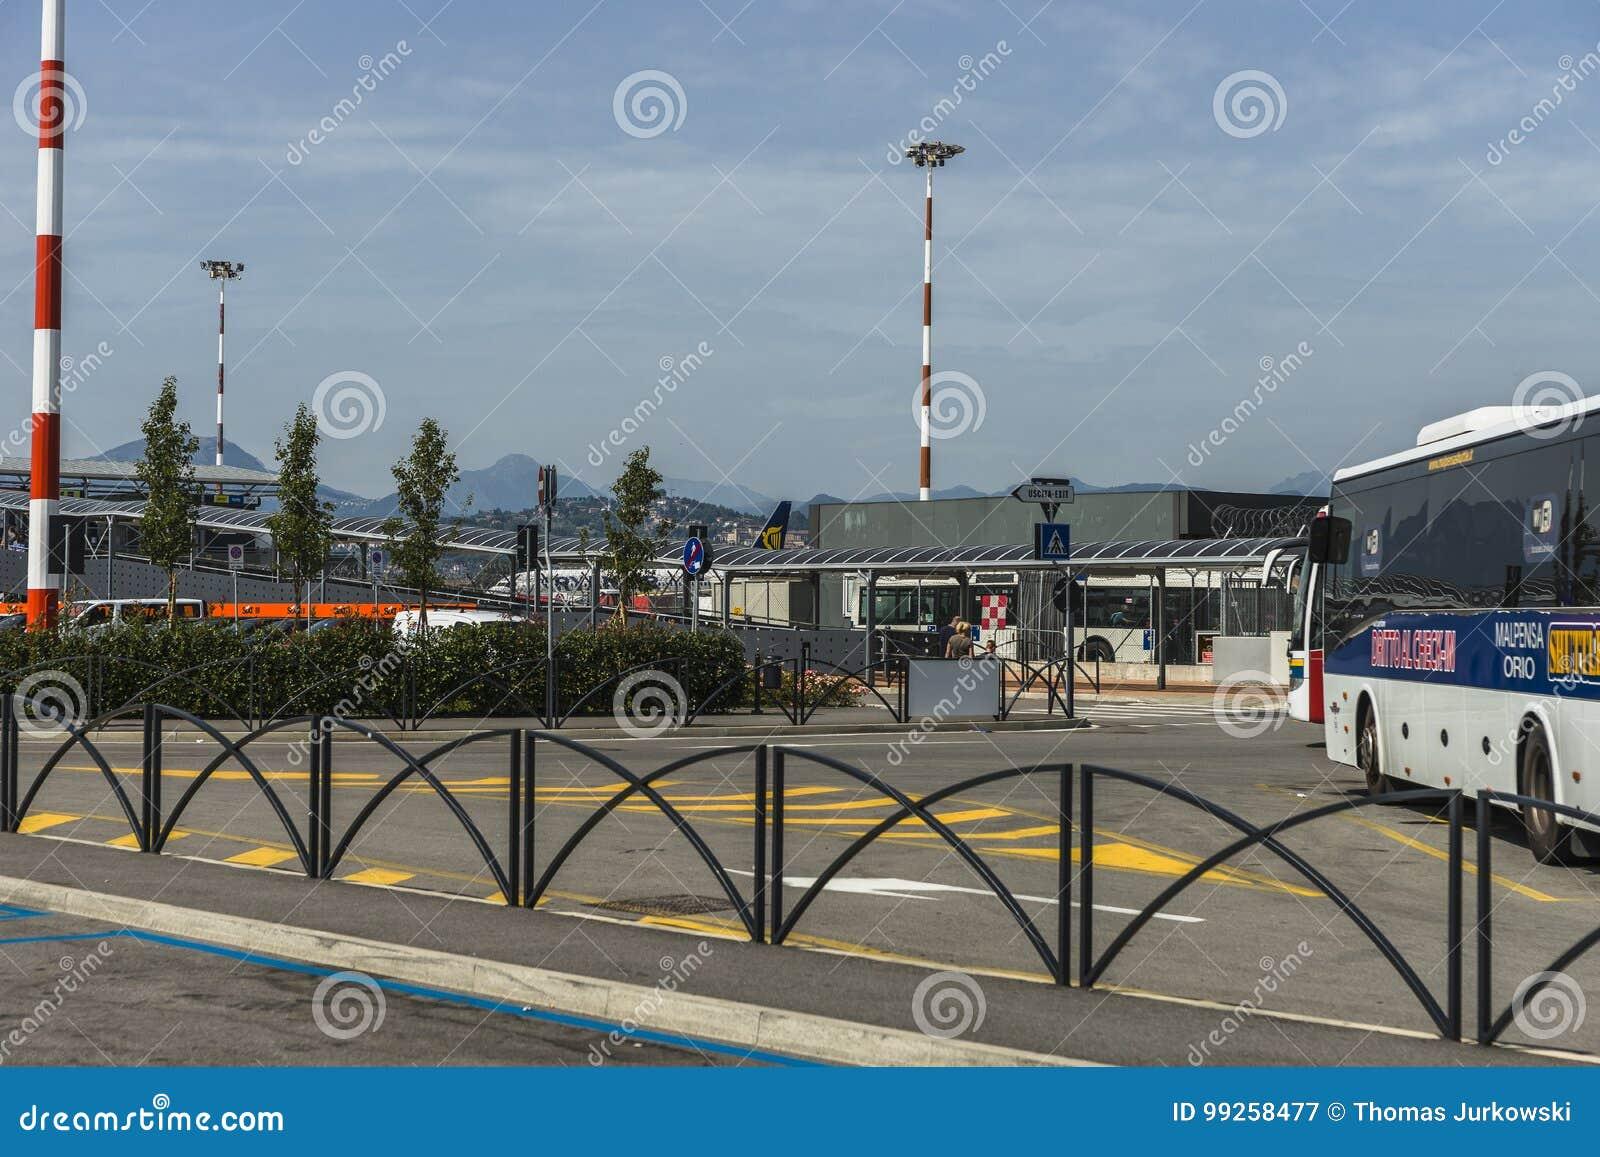 Aeroporto Orio Al Serio : Orio verso i milioni di passeggeri nel da inizio anno già